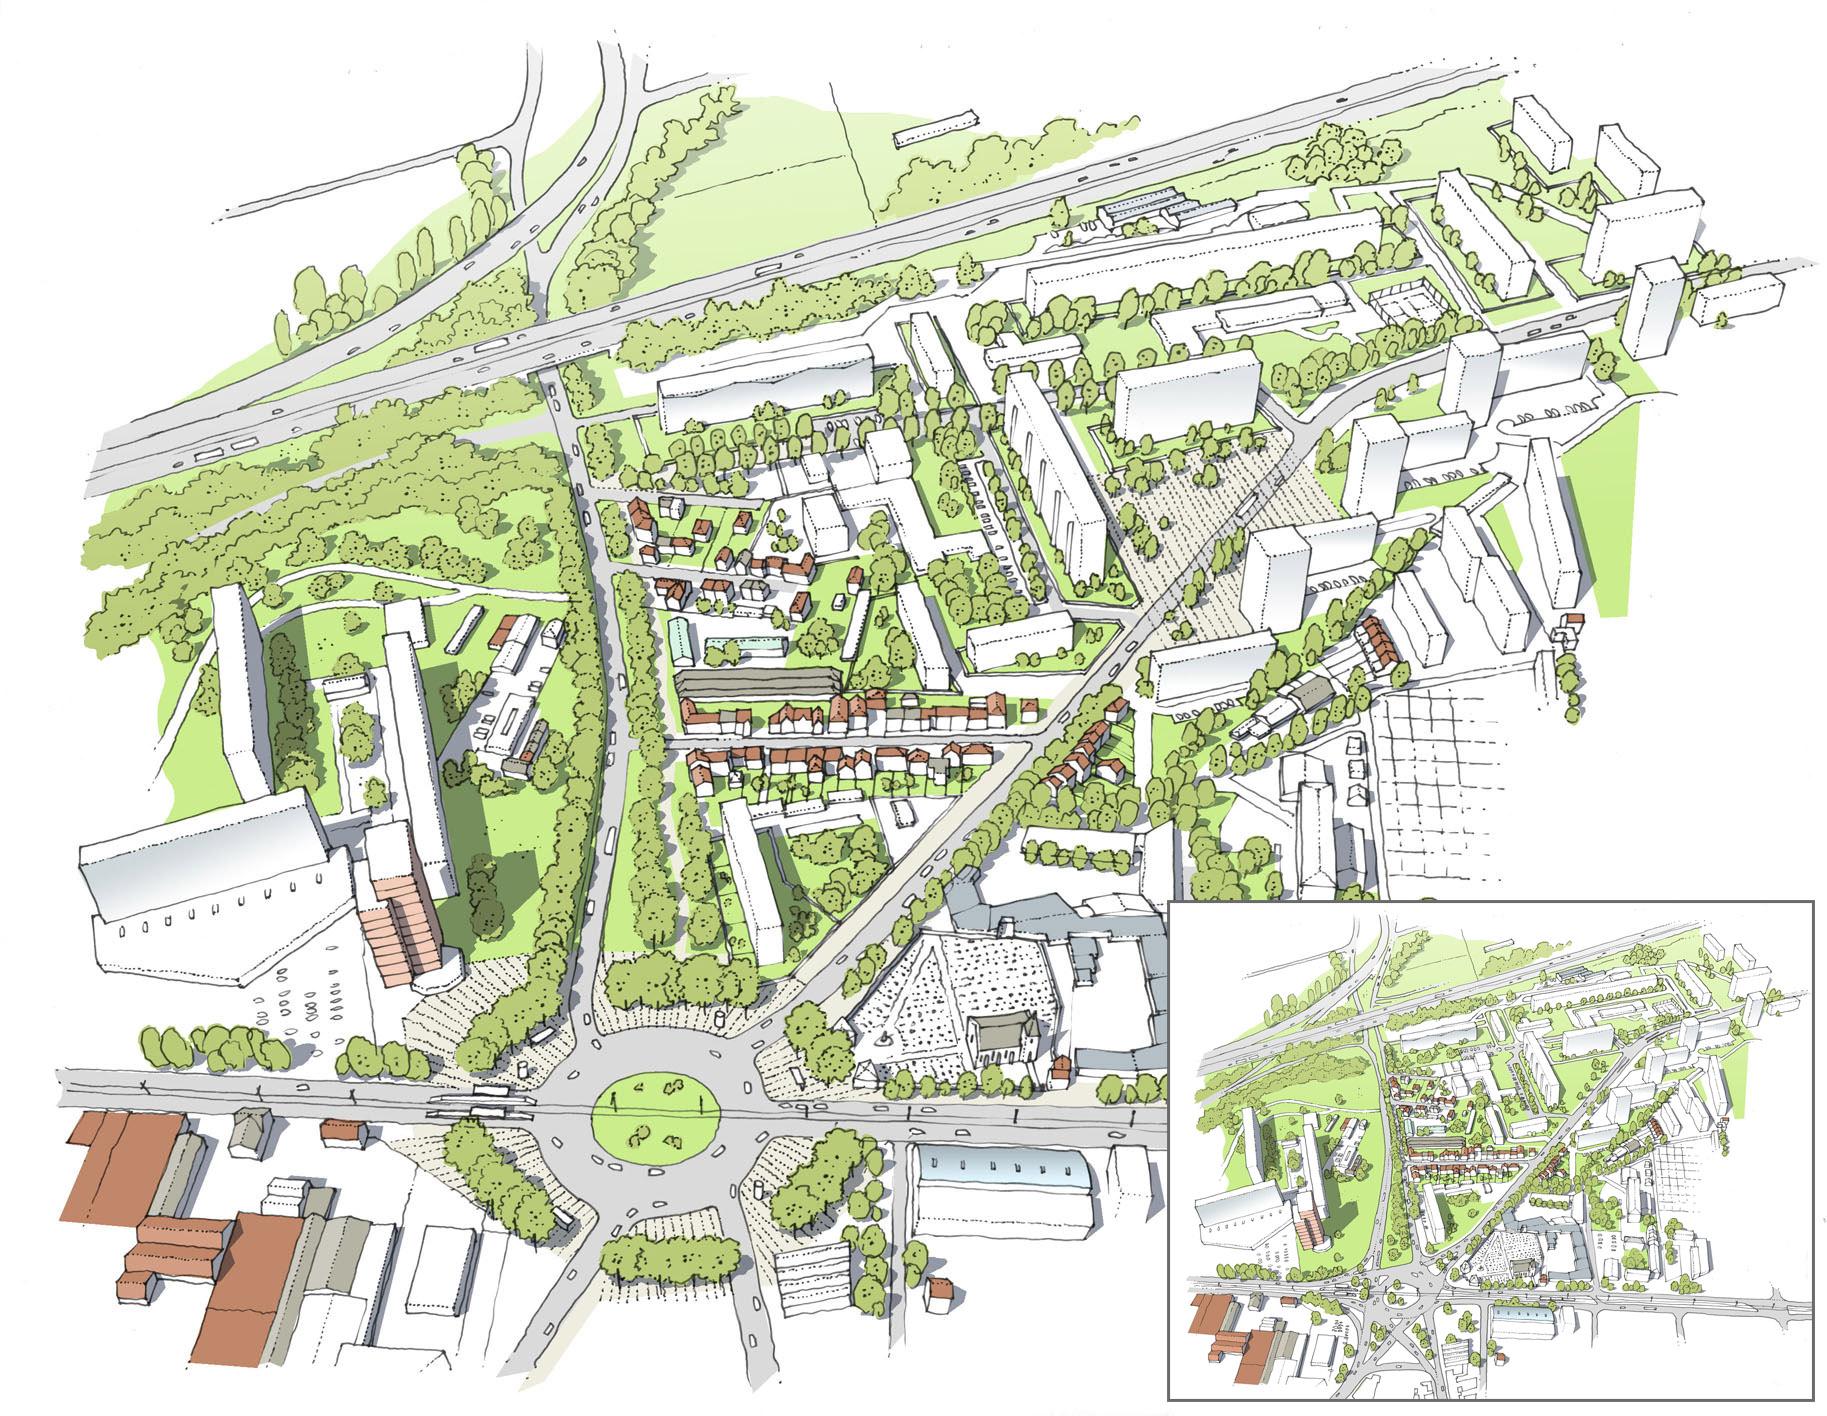 Proposition de reconquête du carrefour des 6 routes, amélioration des liens avec le parc de la courneuve et définition d'espaces publics de liaison au sein des 4000 - avant / après